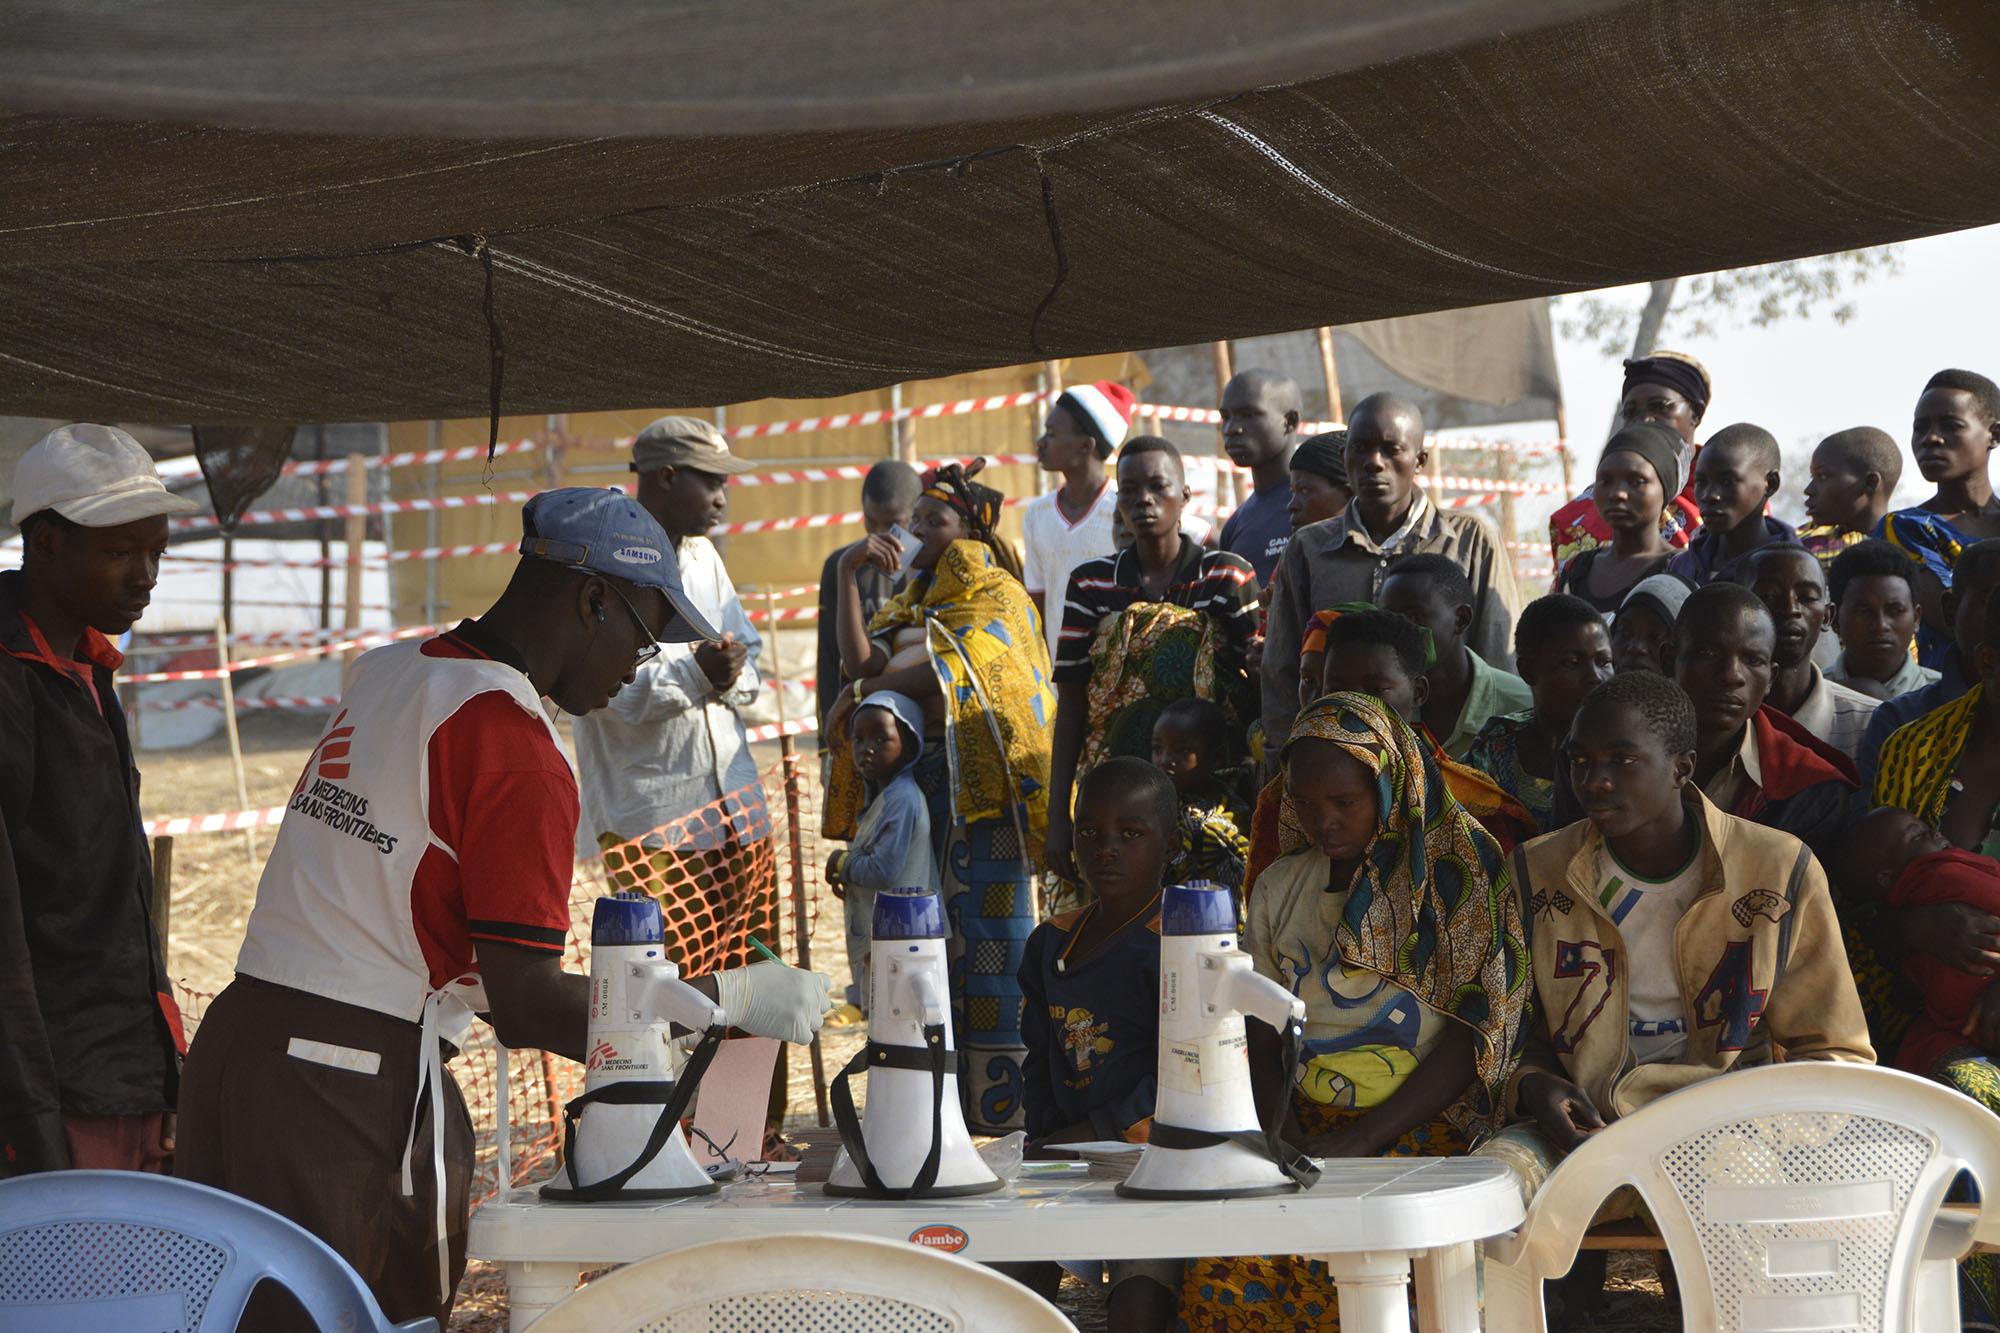 東非國家蒲隆地的尼亞魯古蘇難民營,一個由無國界醫生帶領並與紅十字會合作管理的流動診所。(Eveline Meier/MSF)